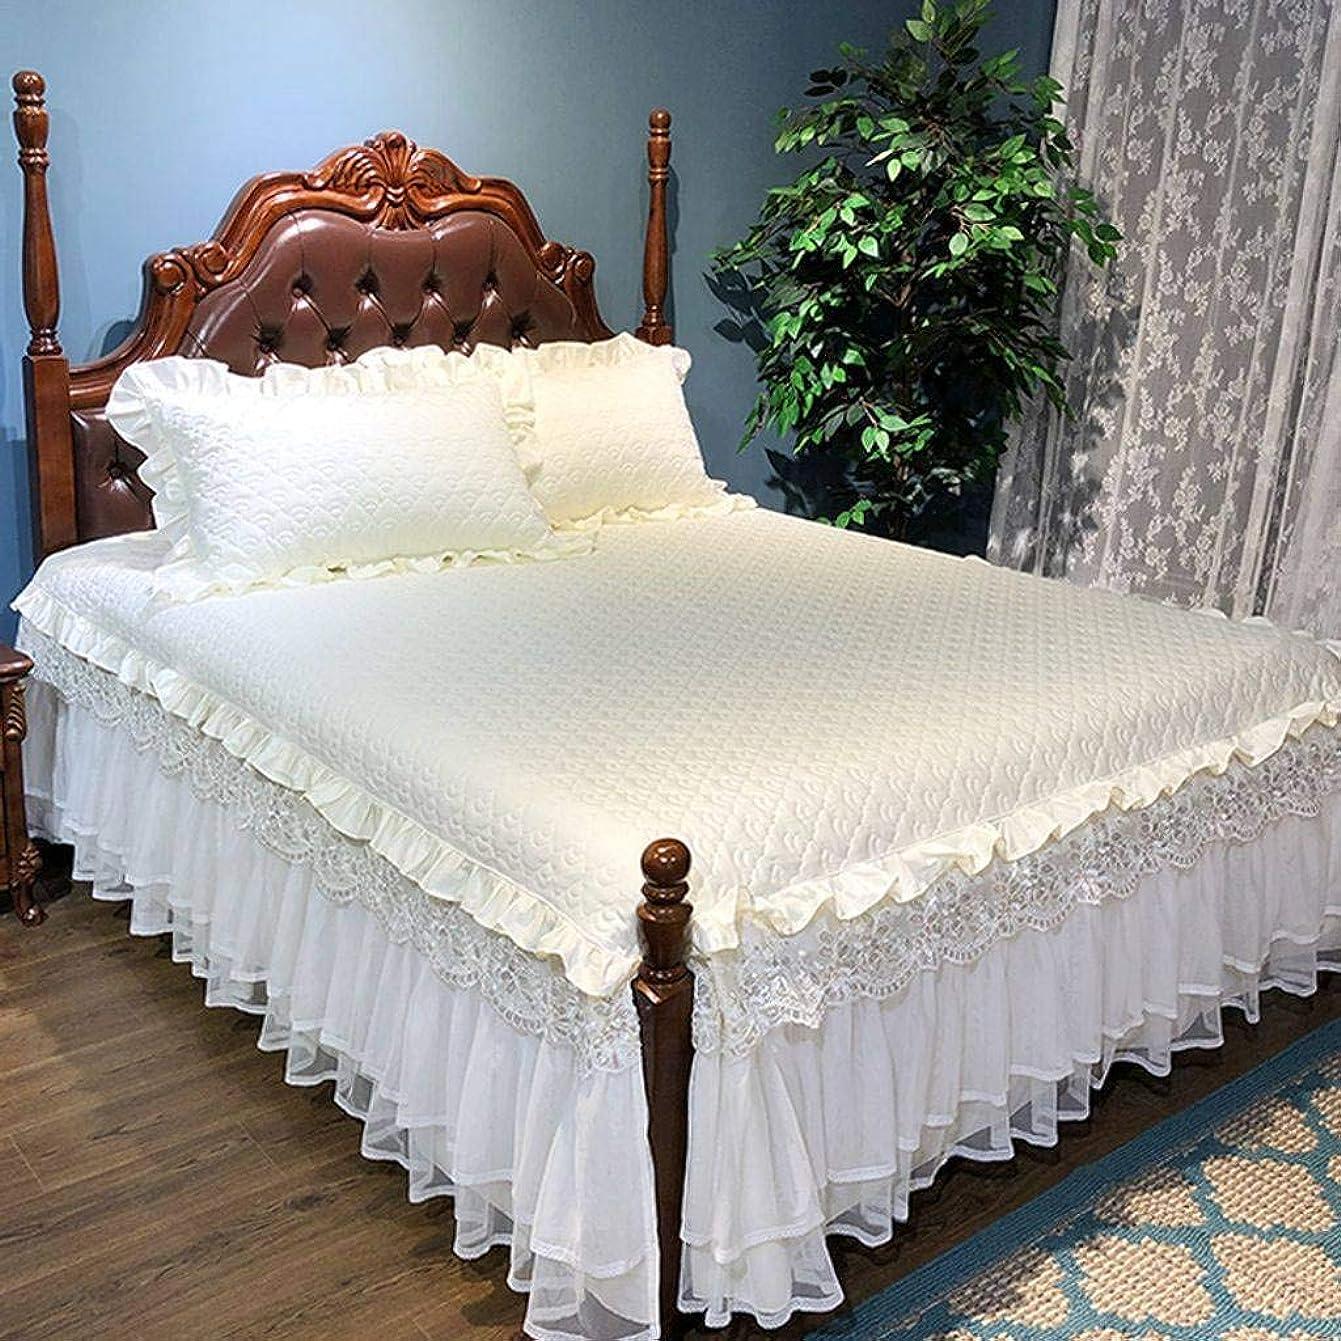 大統領好きであるバターQXJR 綿 レース製,フリル ベッドスカート,ストレッチ ベッドスカート,ベッドスプレッド ベッド用品 綿 綿-キルティングコットン-200×220+2枕カバー